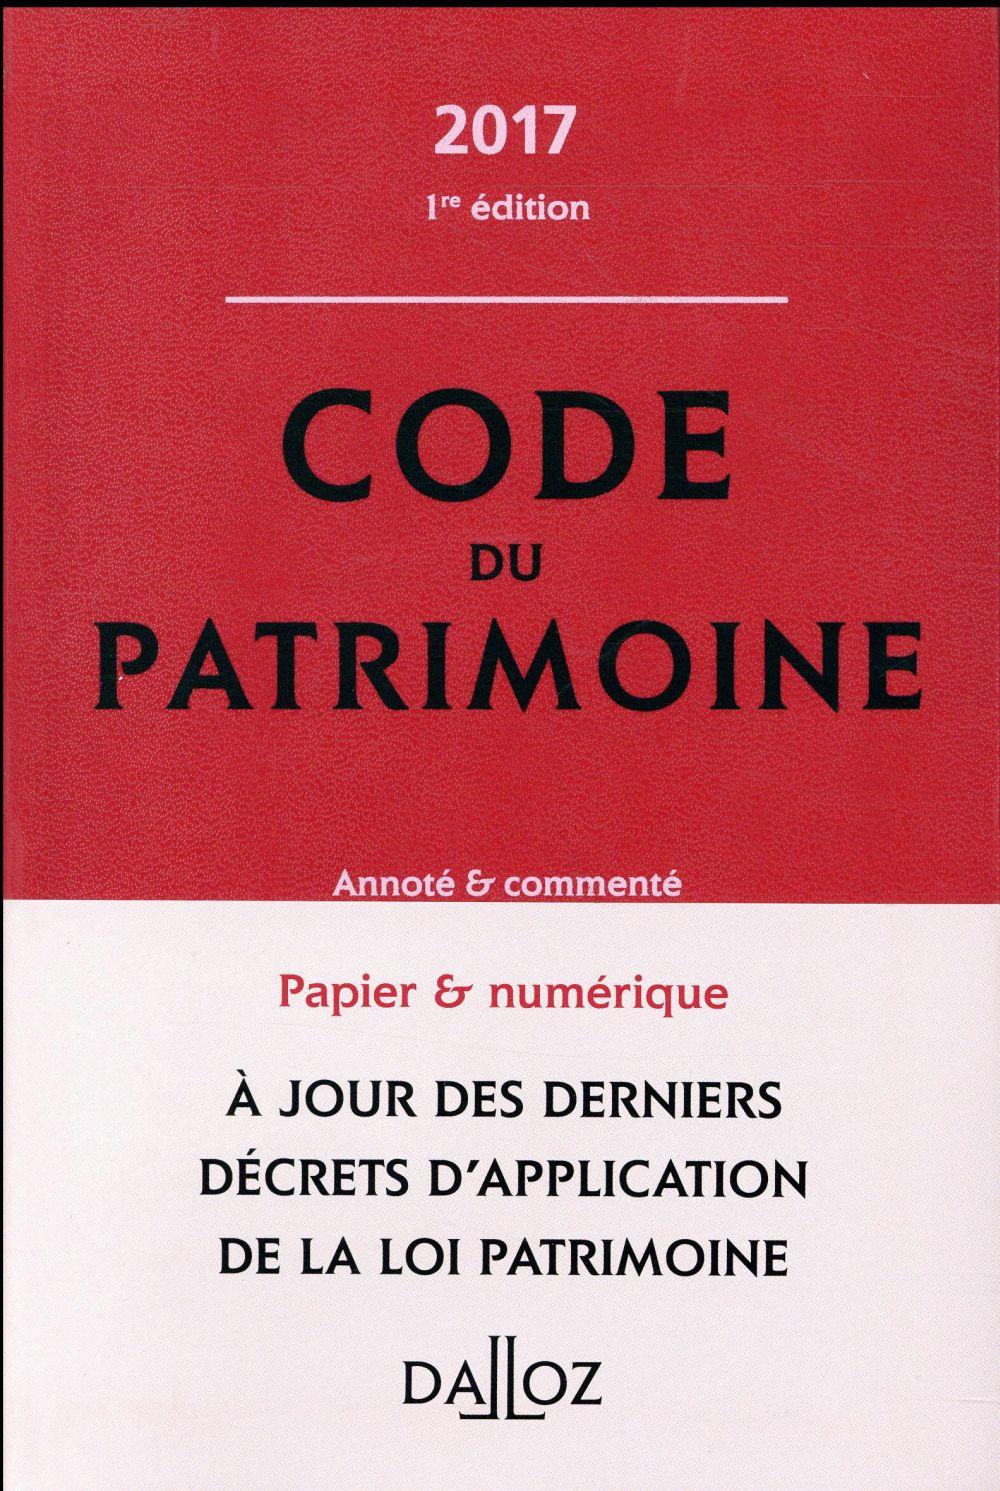 Code du patrimoine ; annoté & commenté (édition 2017)